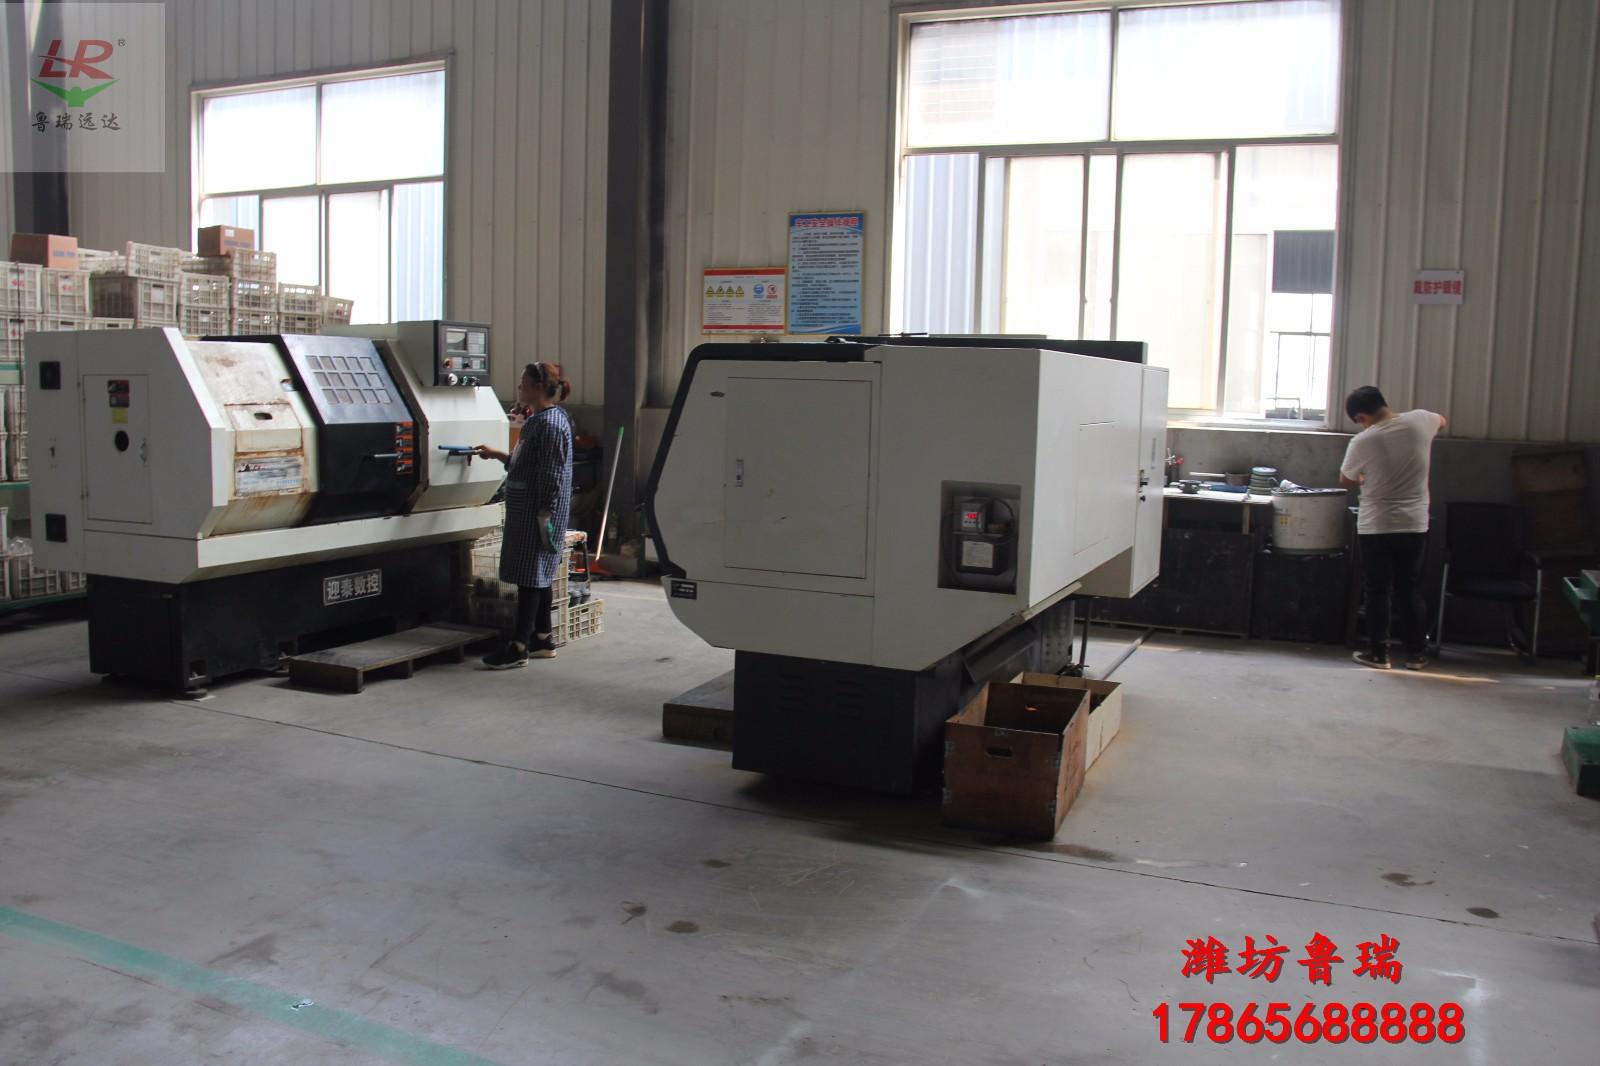 廊坊屠宰场的污水处理设备专业生产专业生产